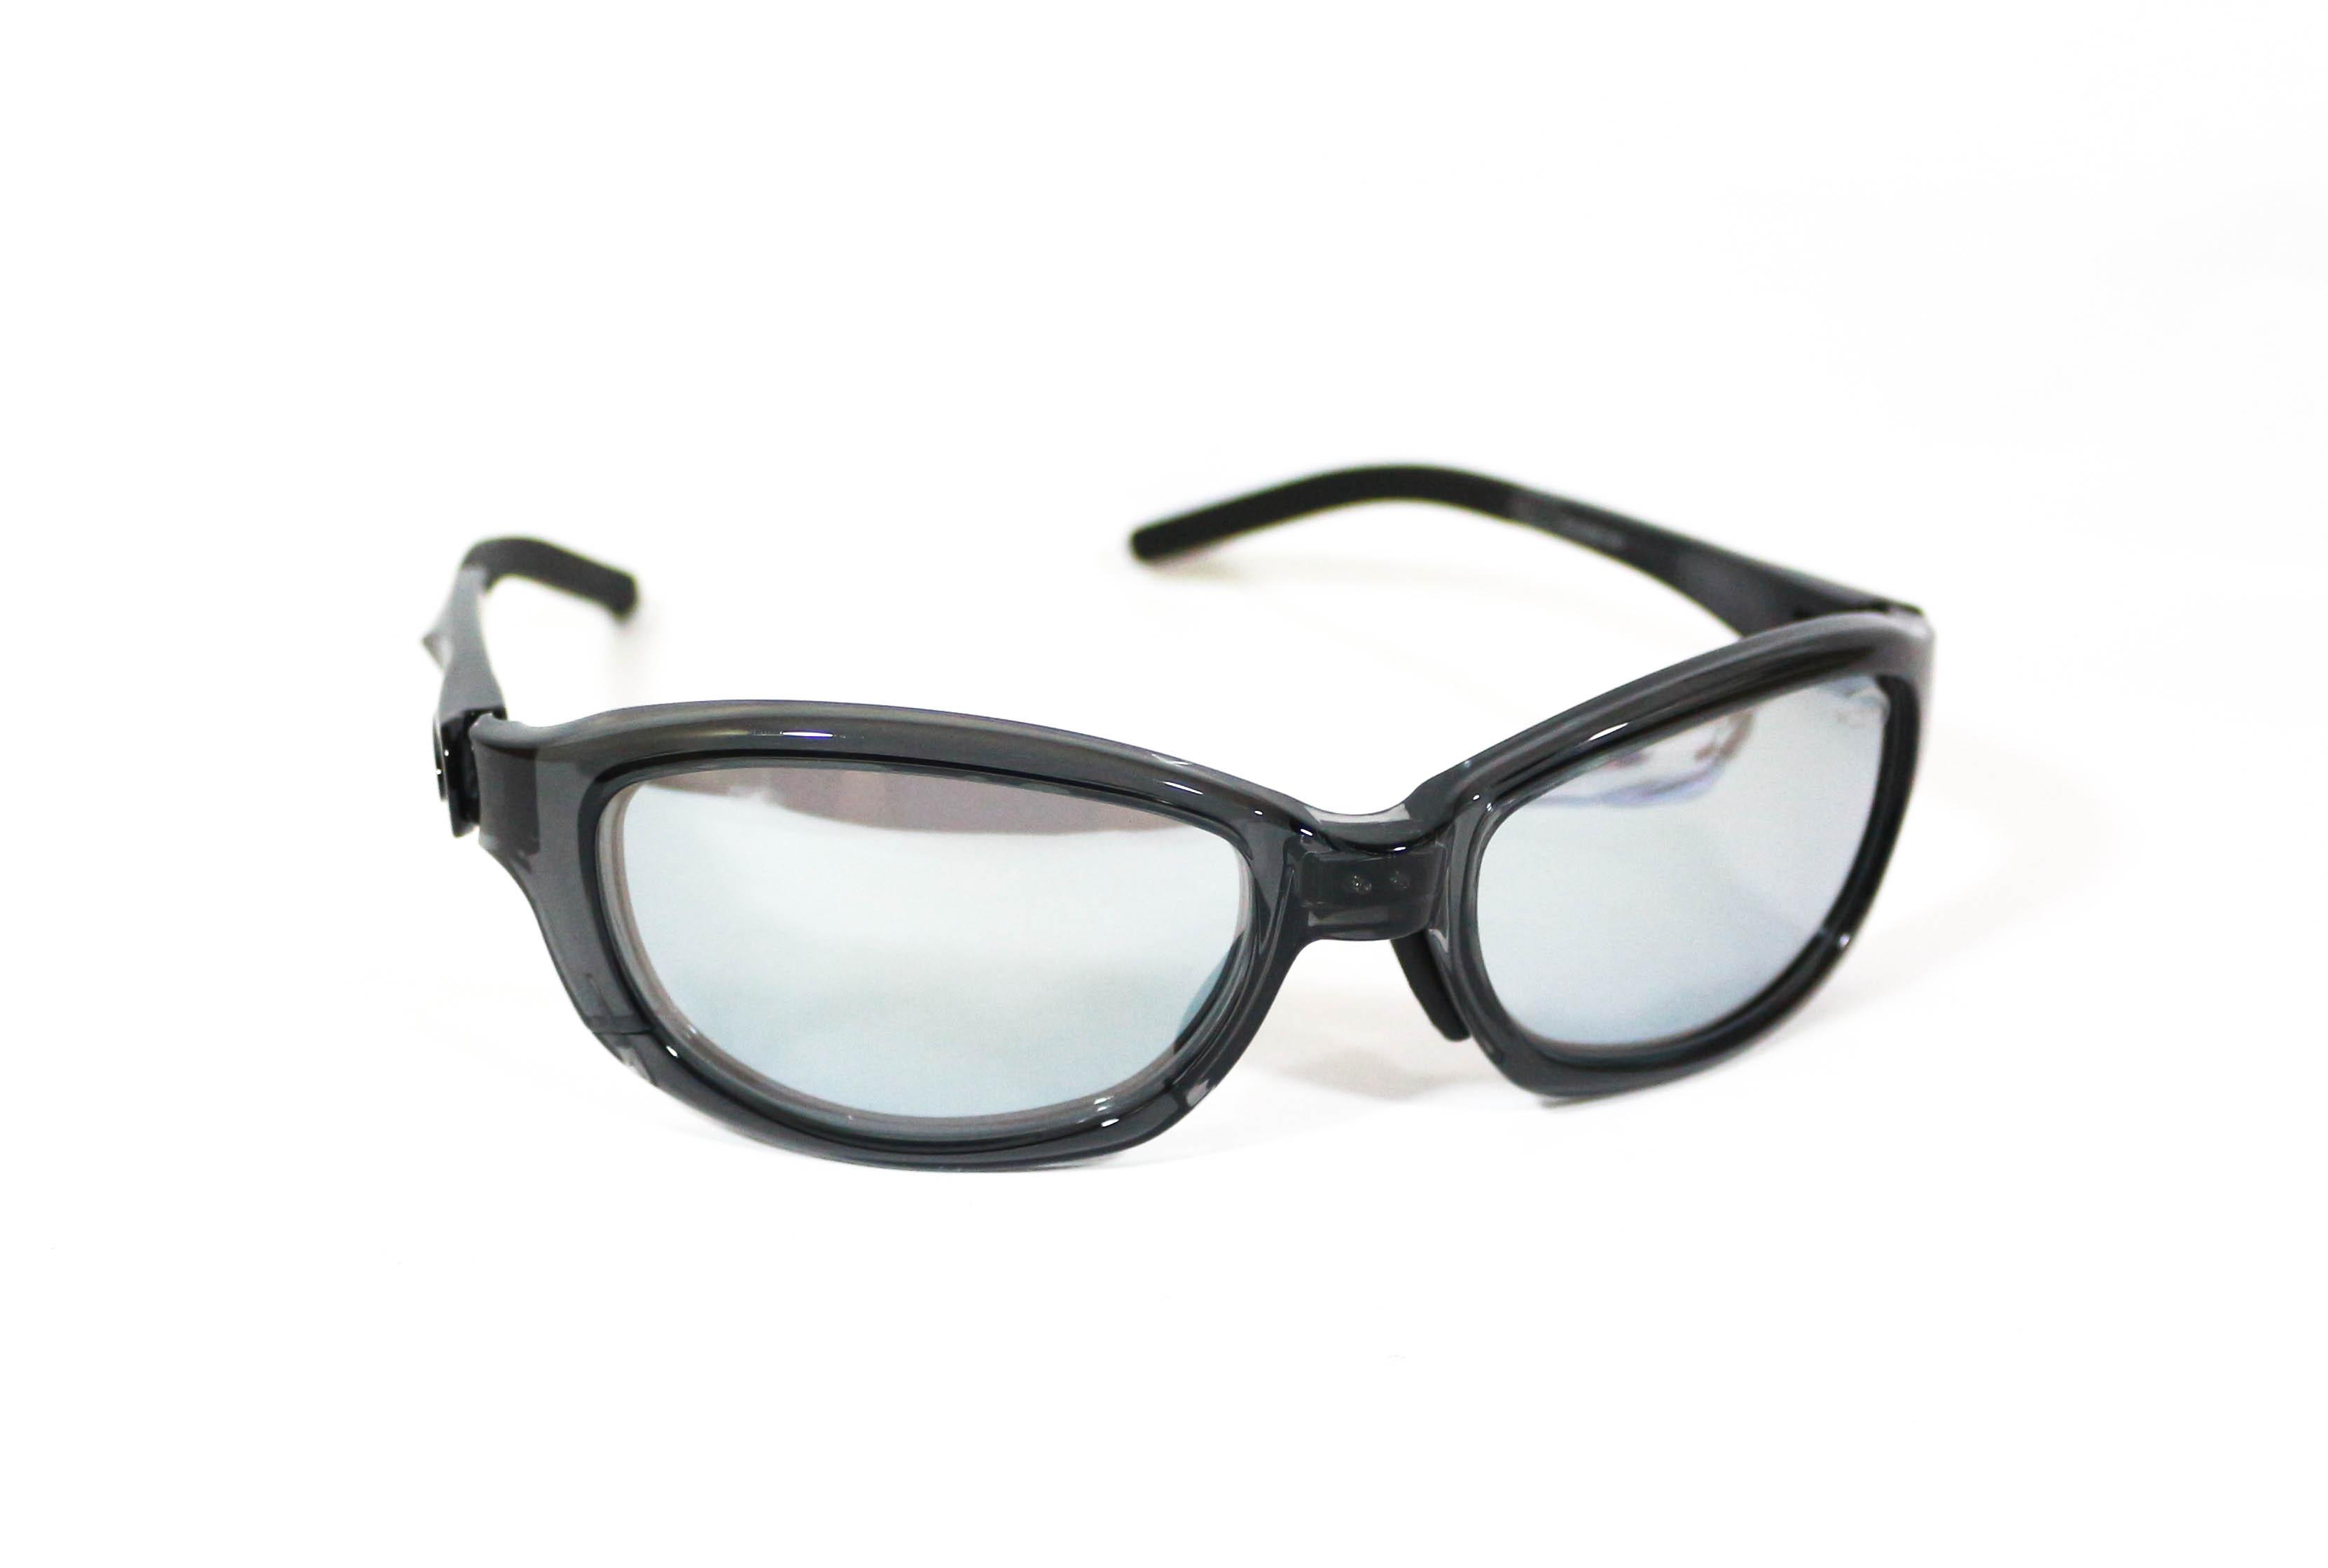 Tiemco Sight Master Sunglasses Scepter Smk Gray/Gray Silver Mirror(1037)